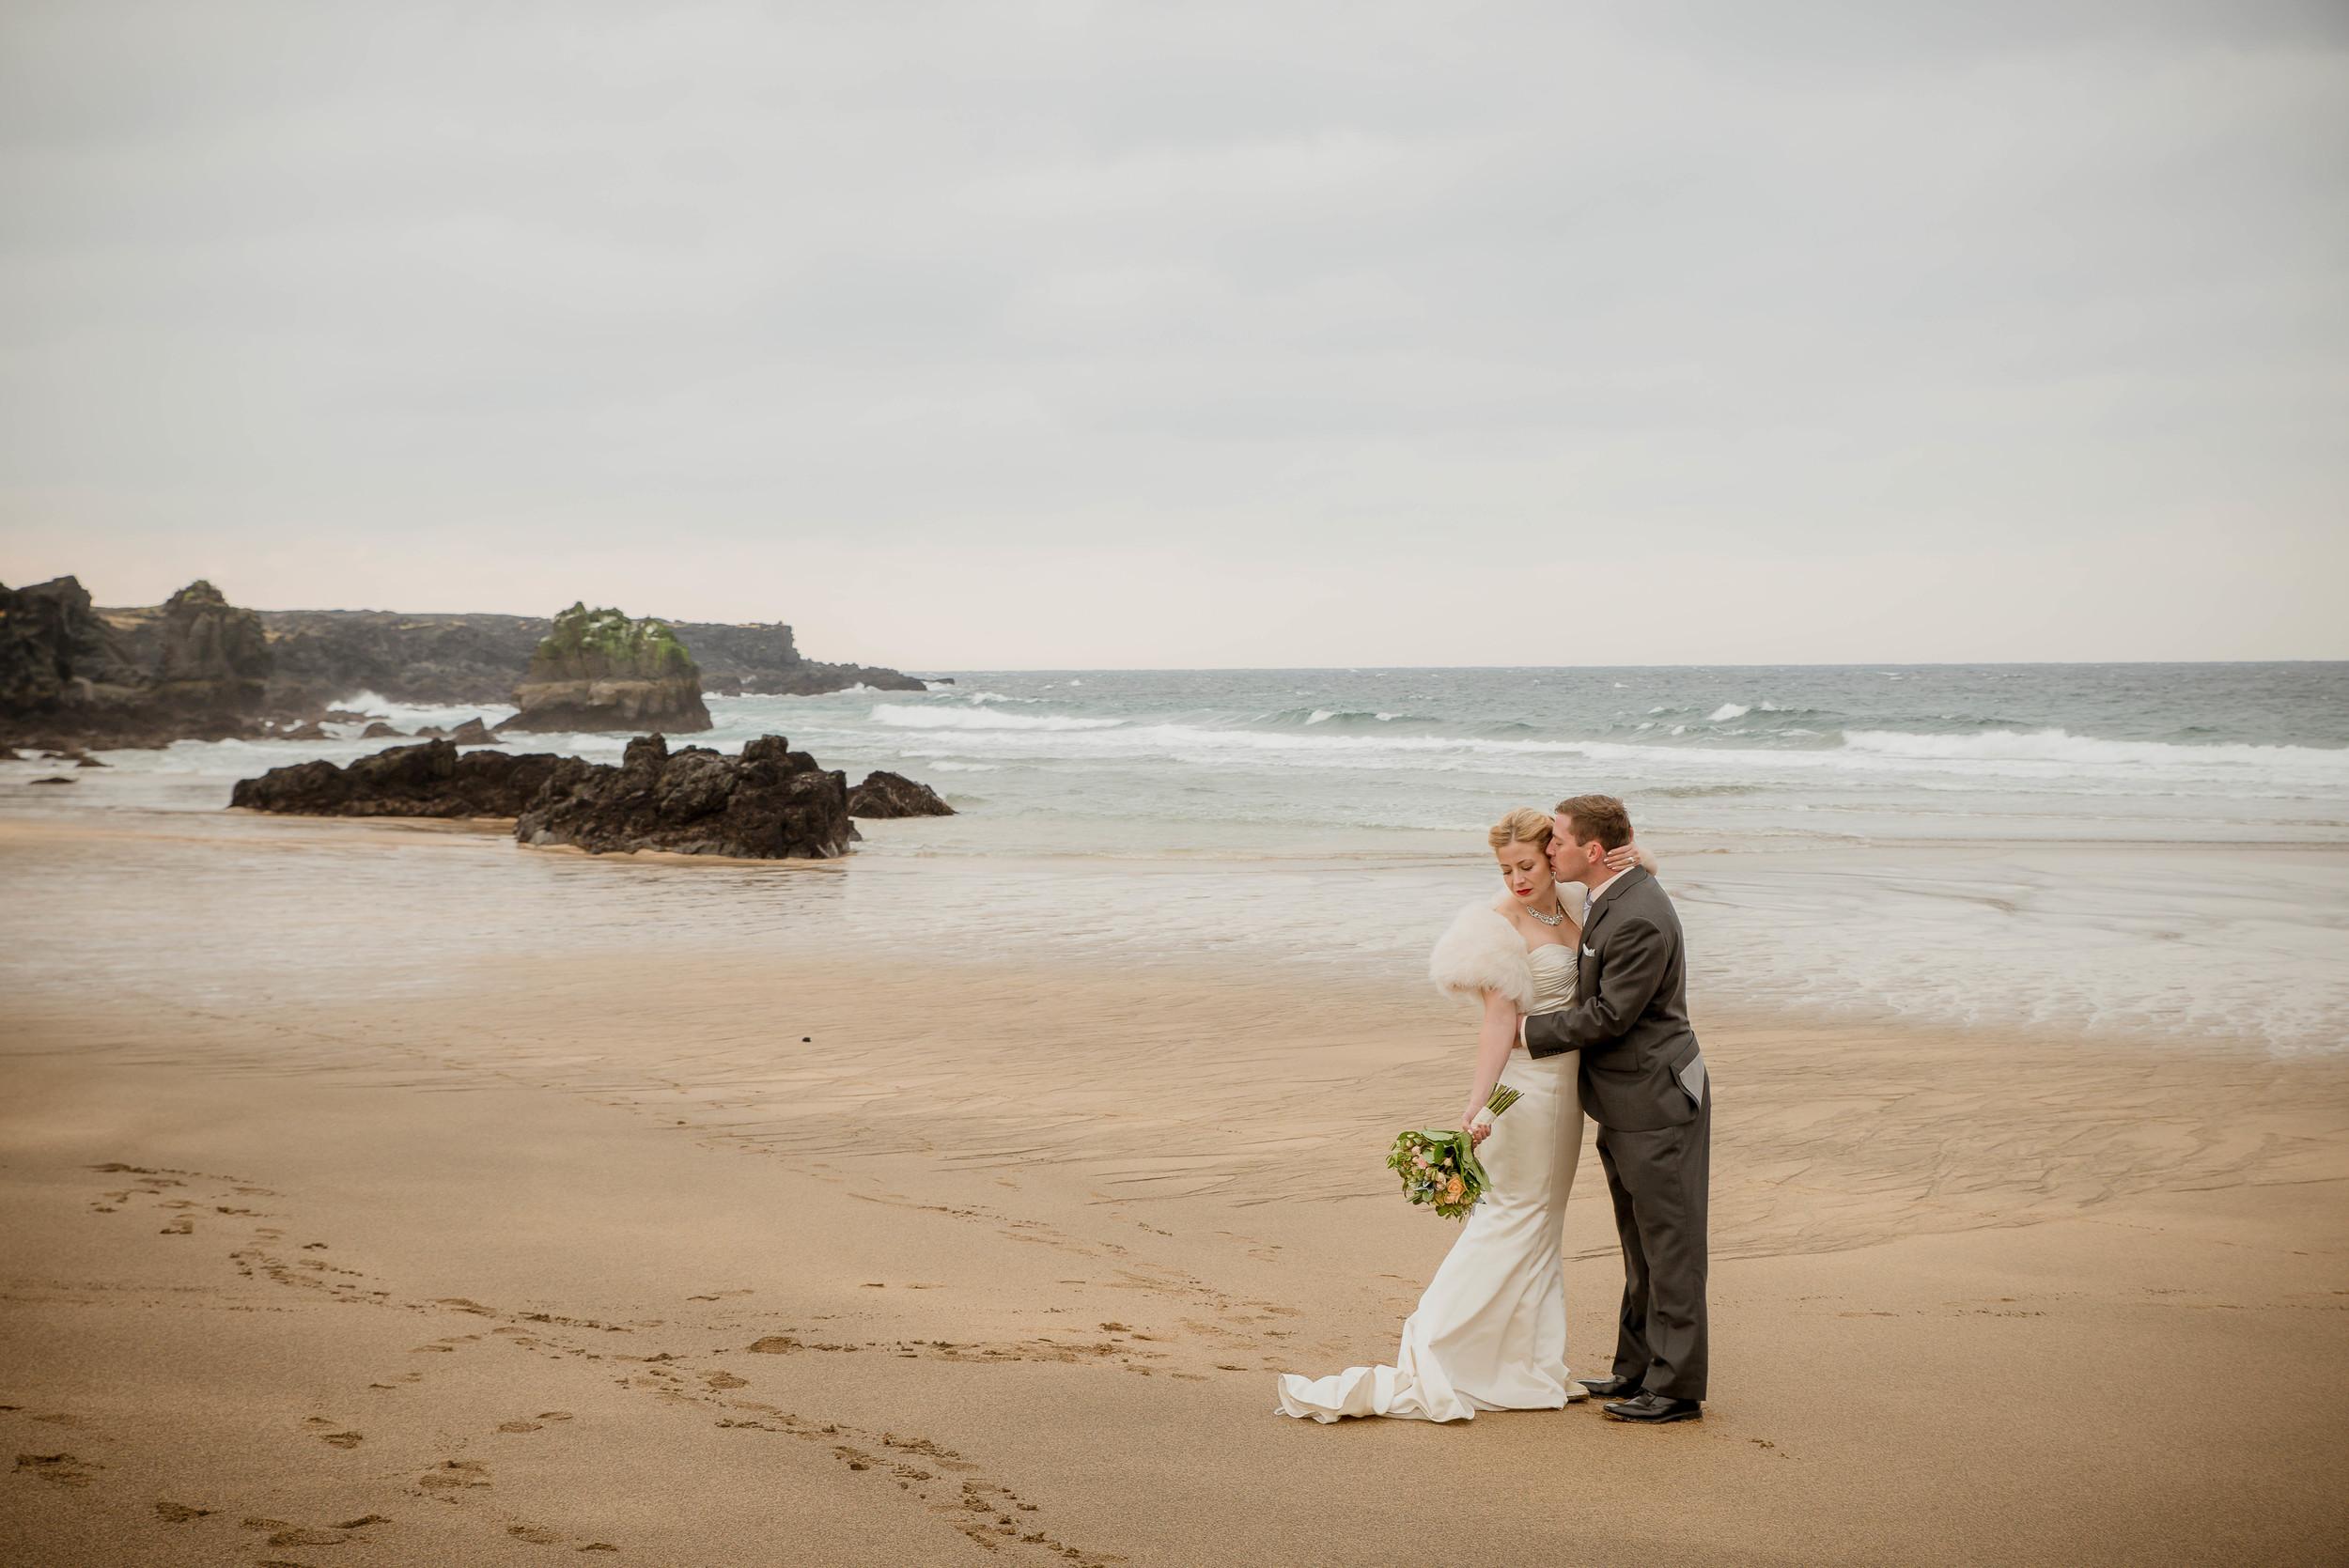 Iceland-Wedding-Photographer-Photos-by-Miss-Ann-26.jpg